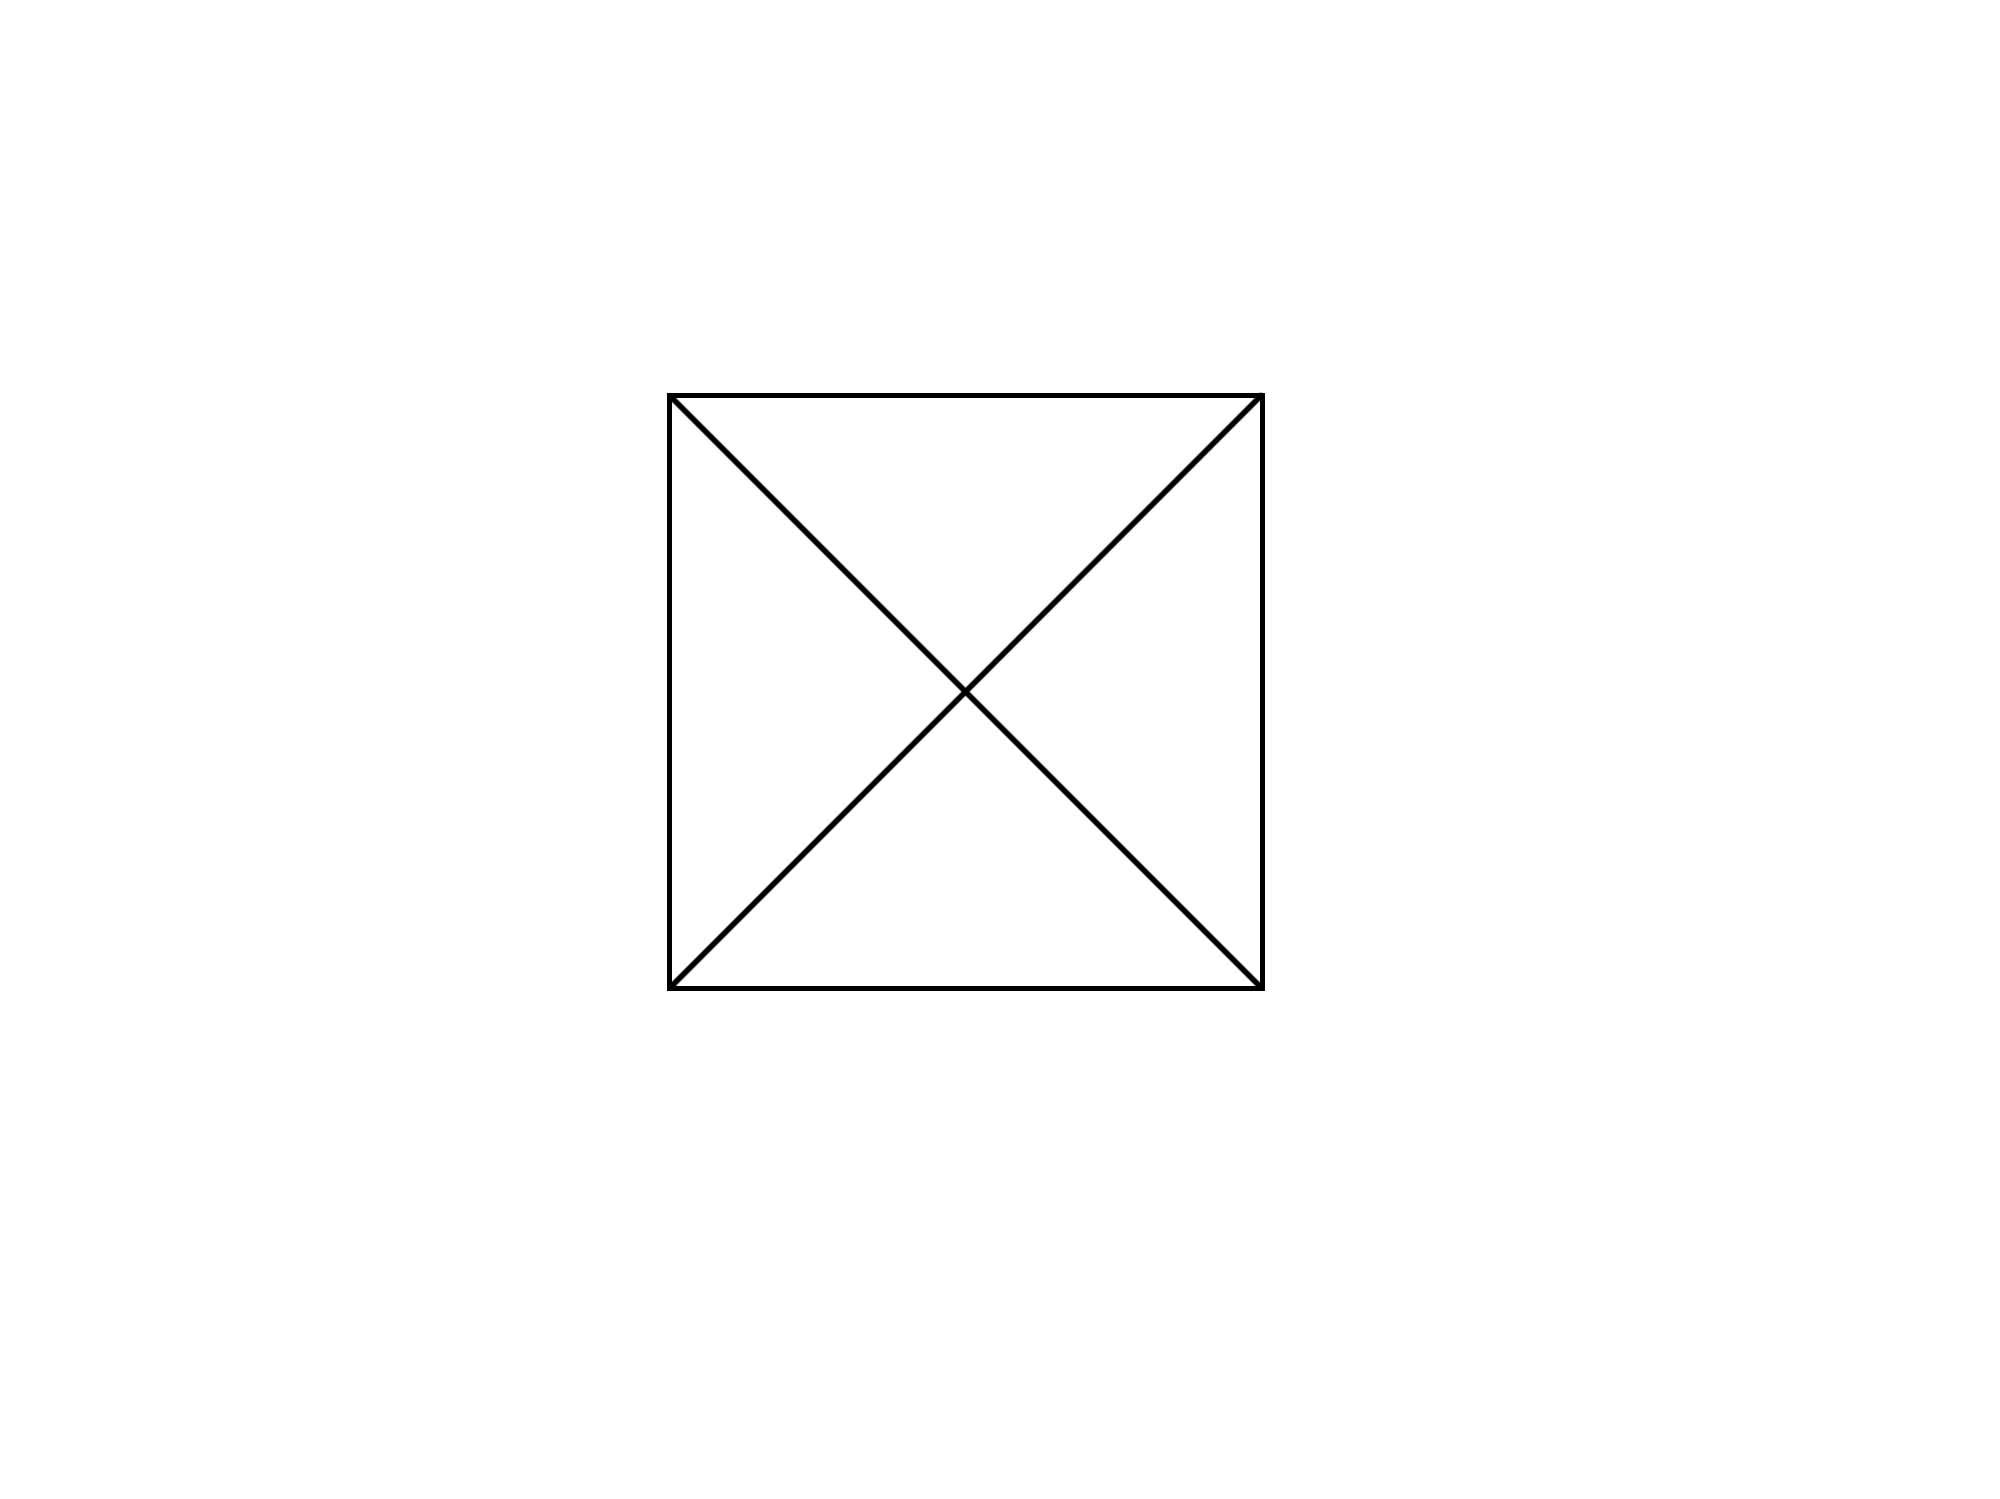 正方形を使って円を描く①